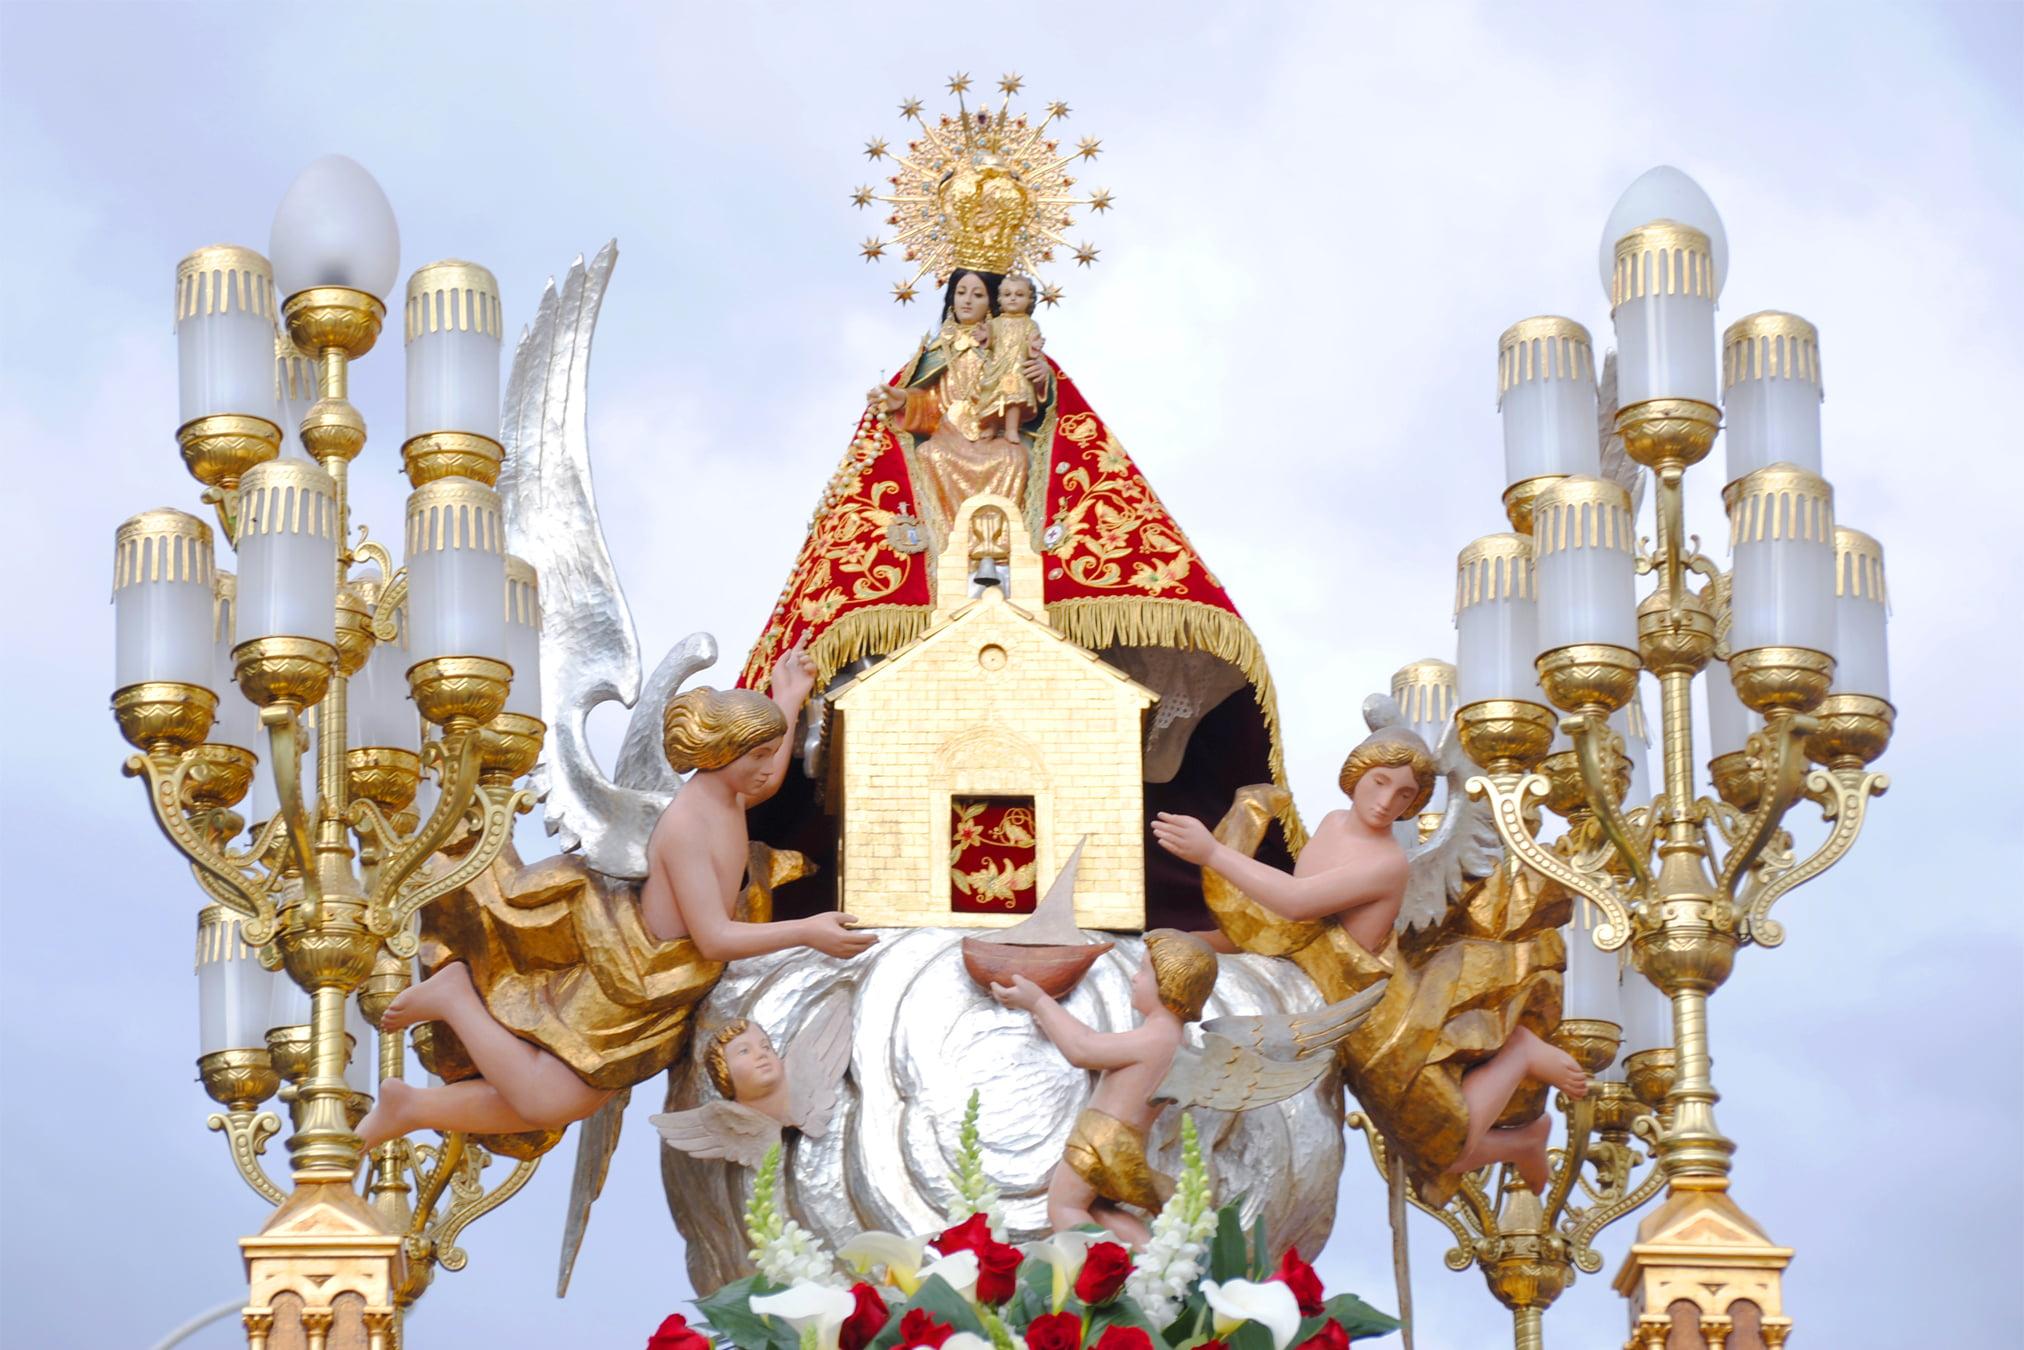 Mare de Déu de Loreto